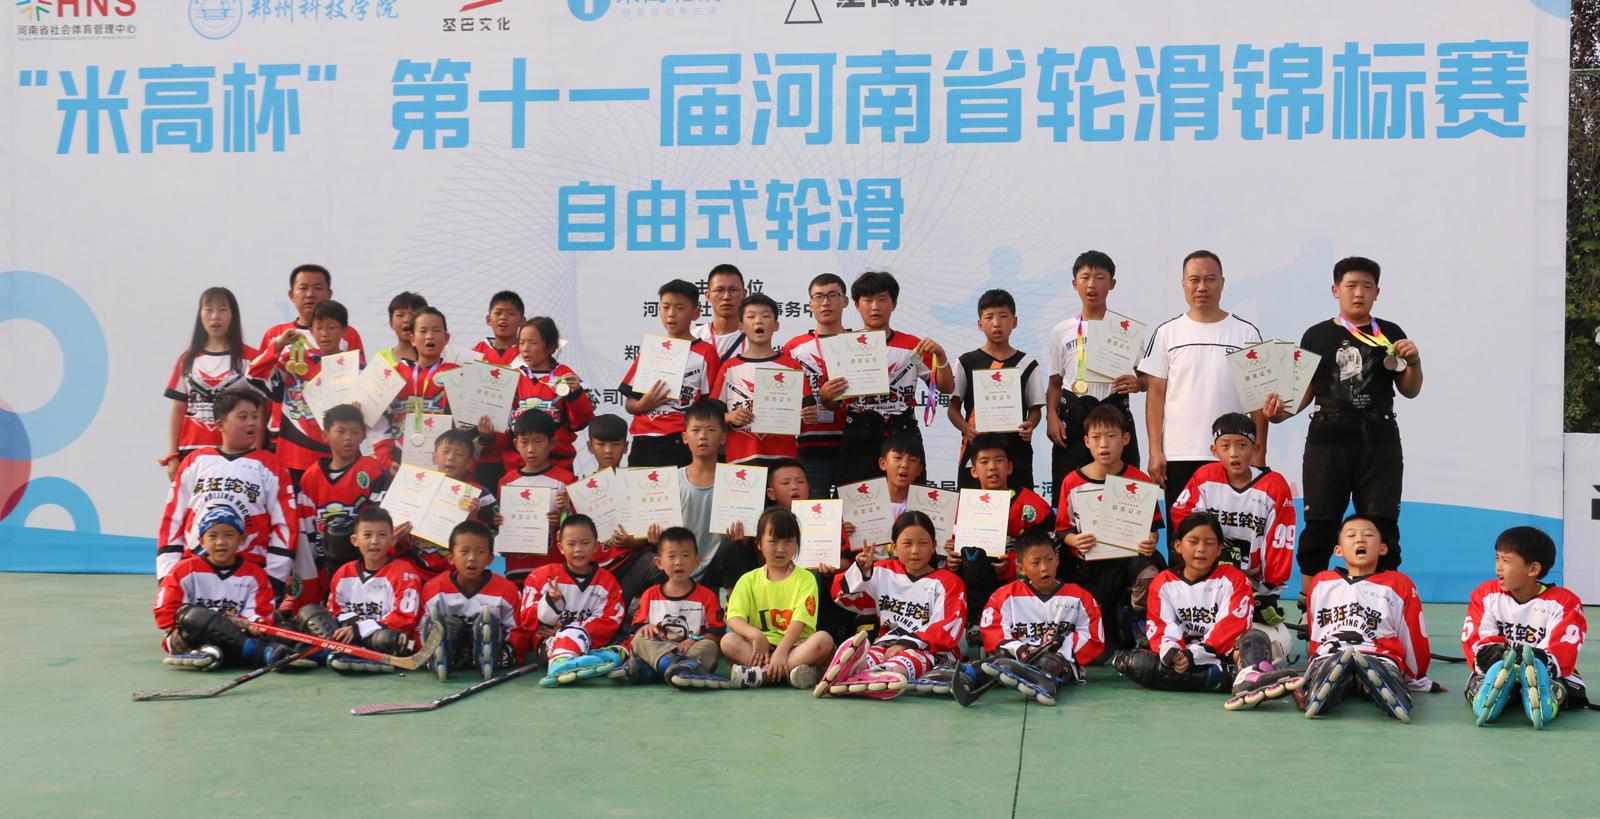 参加河南省轮滑锦标赛